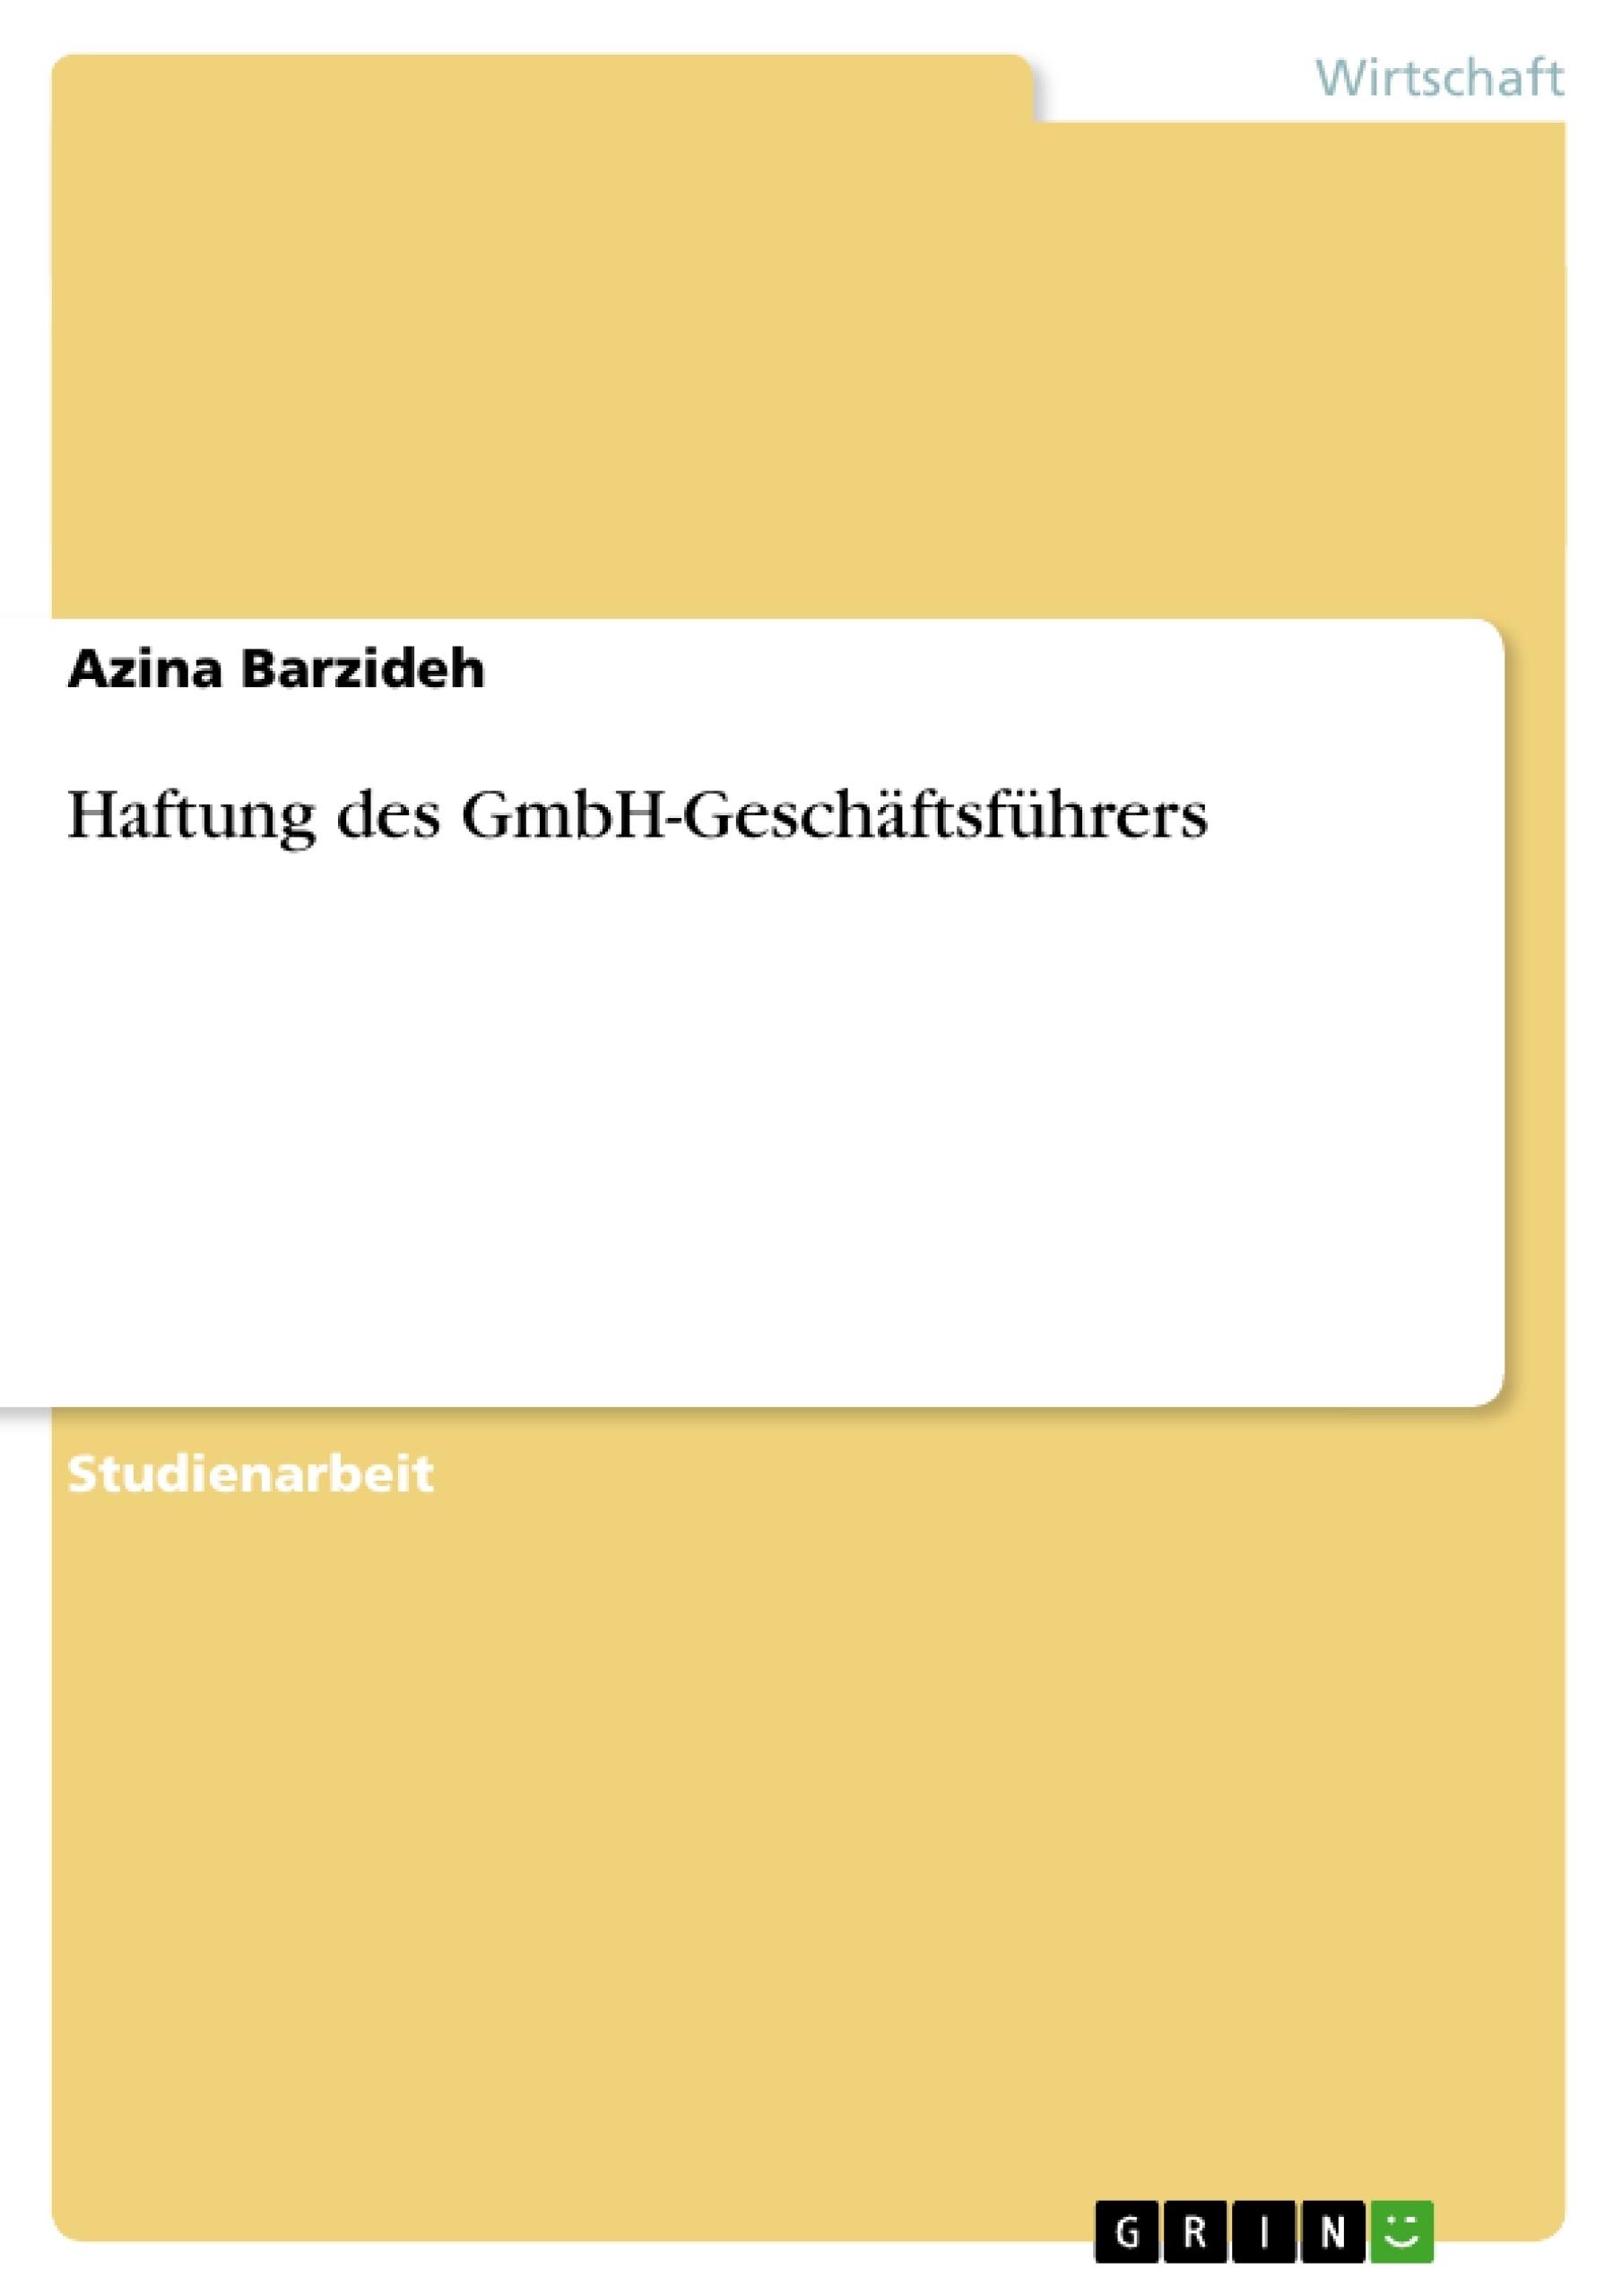 Titel: Haftung des GmbH-Geschäftsführers